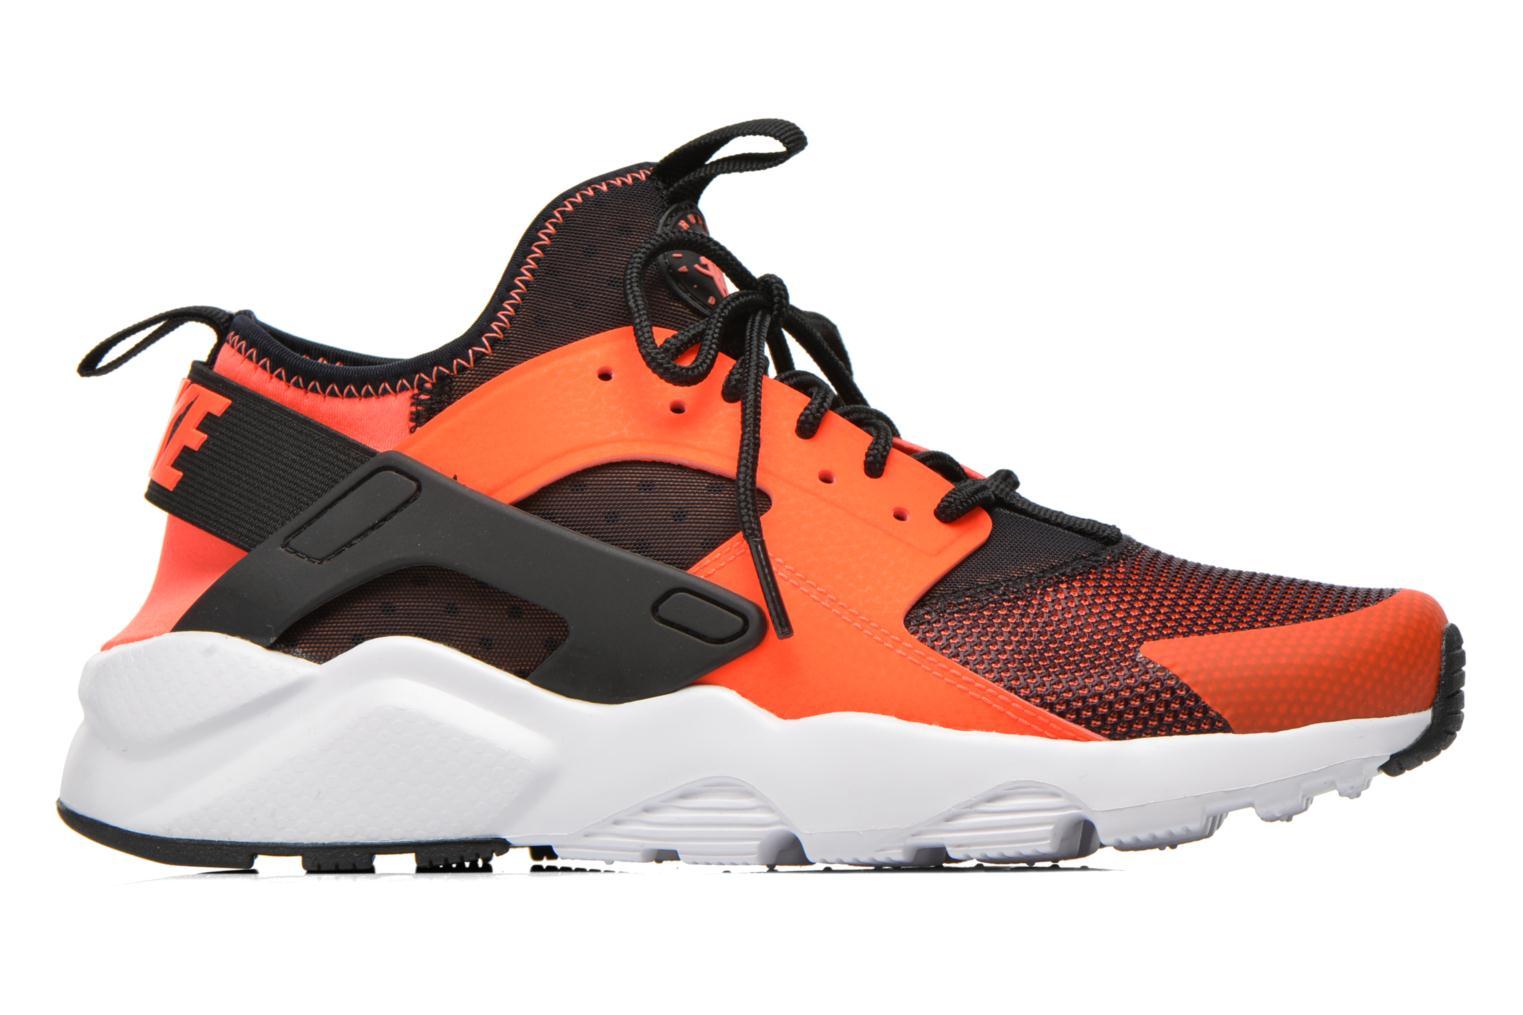 Nike Air Huarache Run Ultra Black/Total Crimson-White